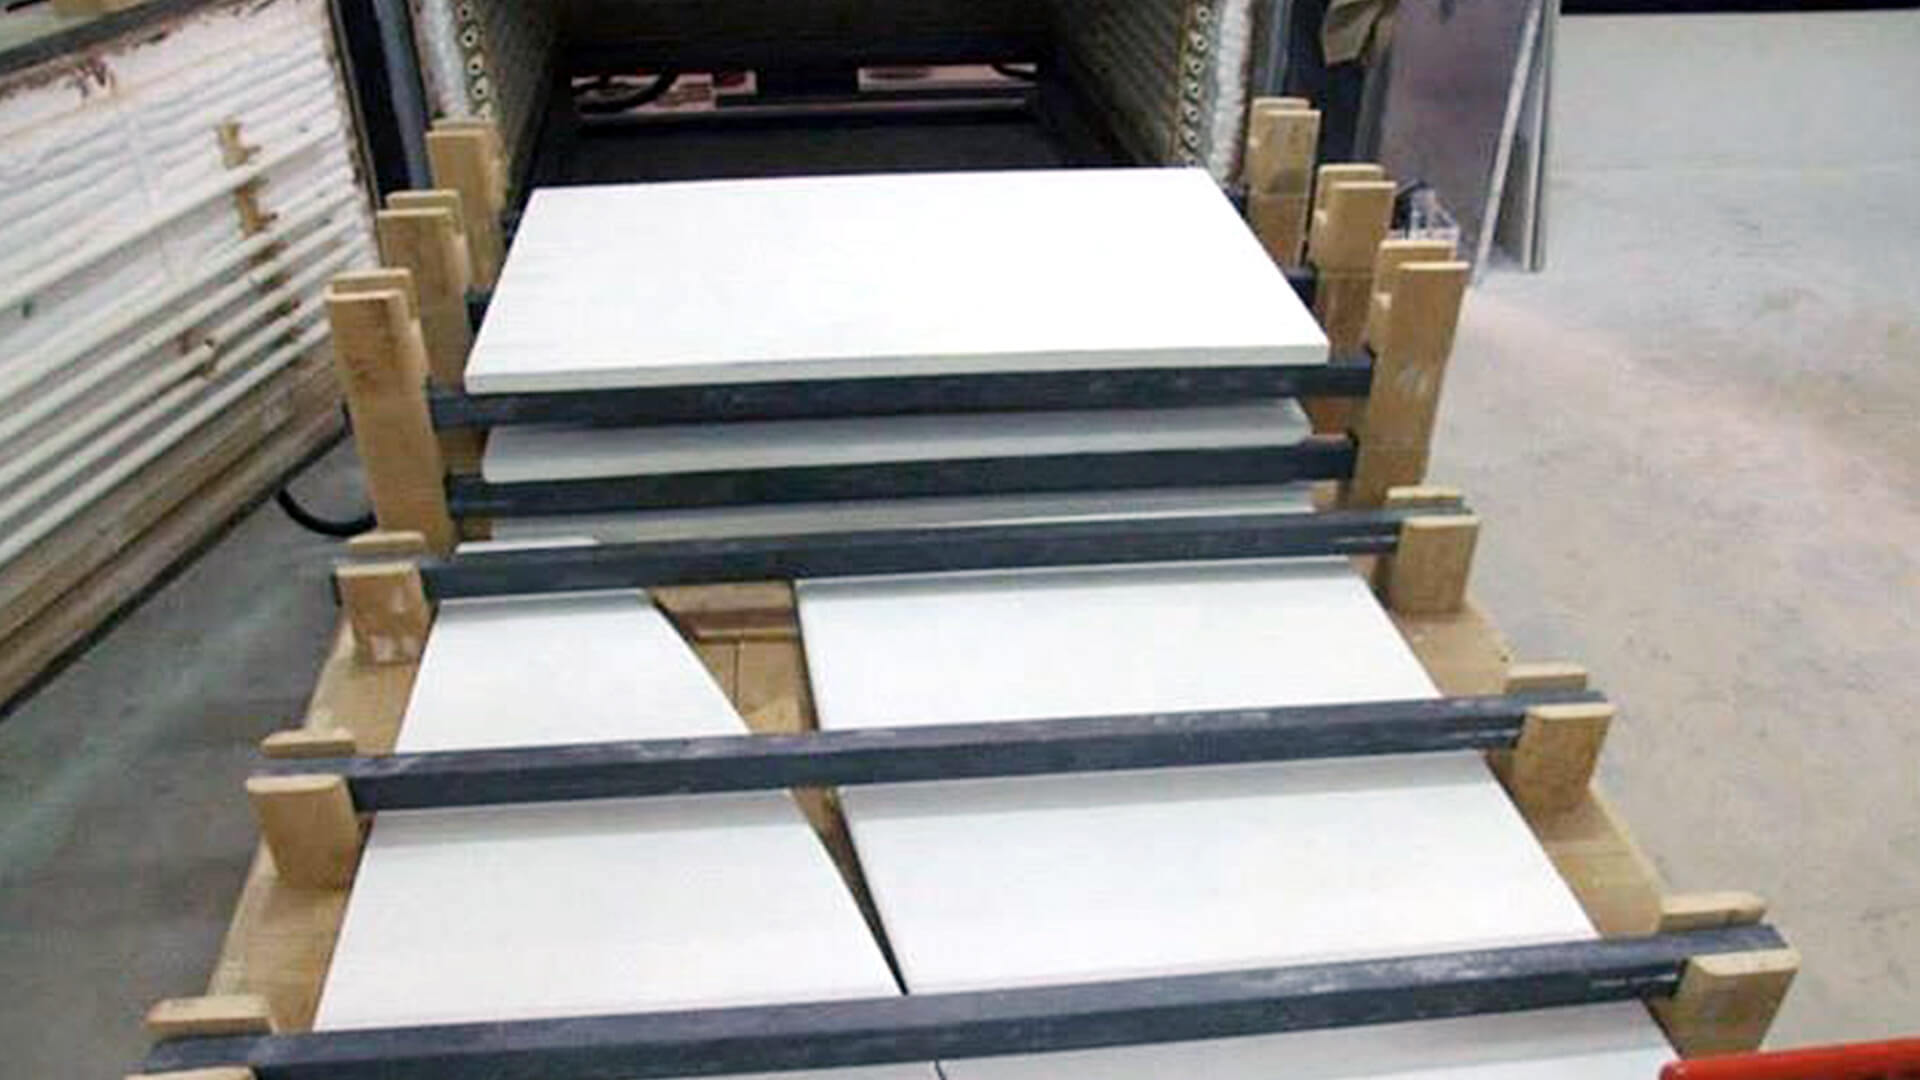 Forno industriale per Carico tavoli e lastre in pietra con barre SiC e colonne in cordierite | Pagnotta Termomeccanica